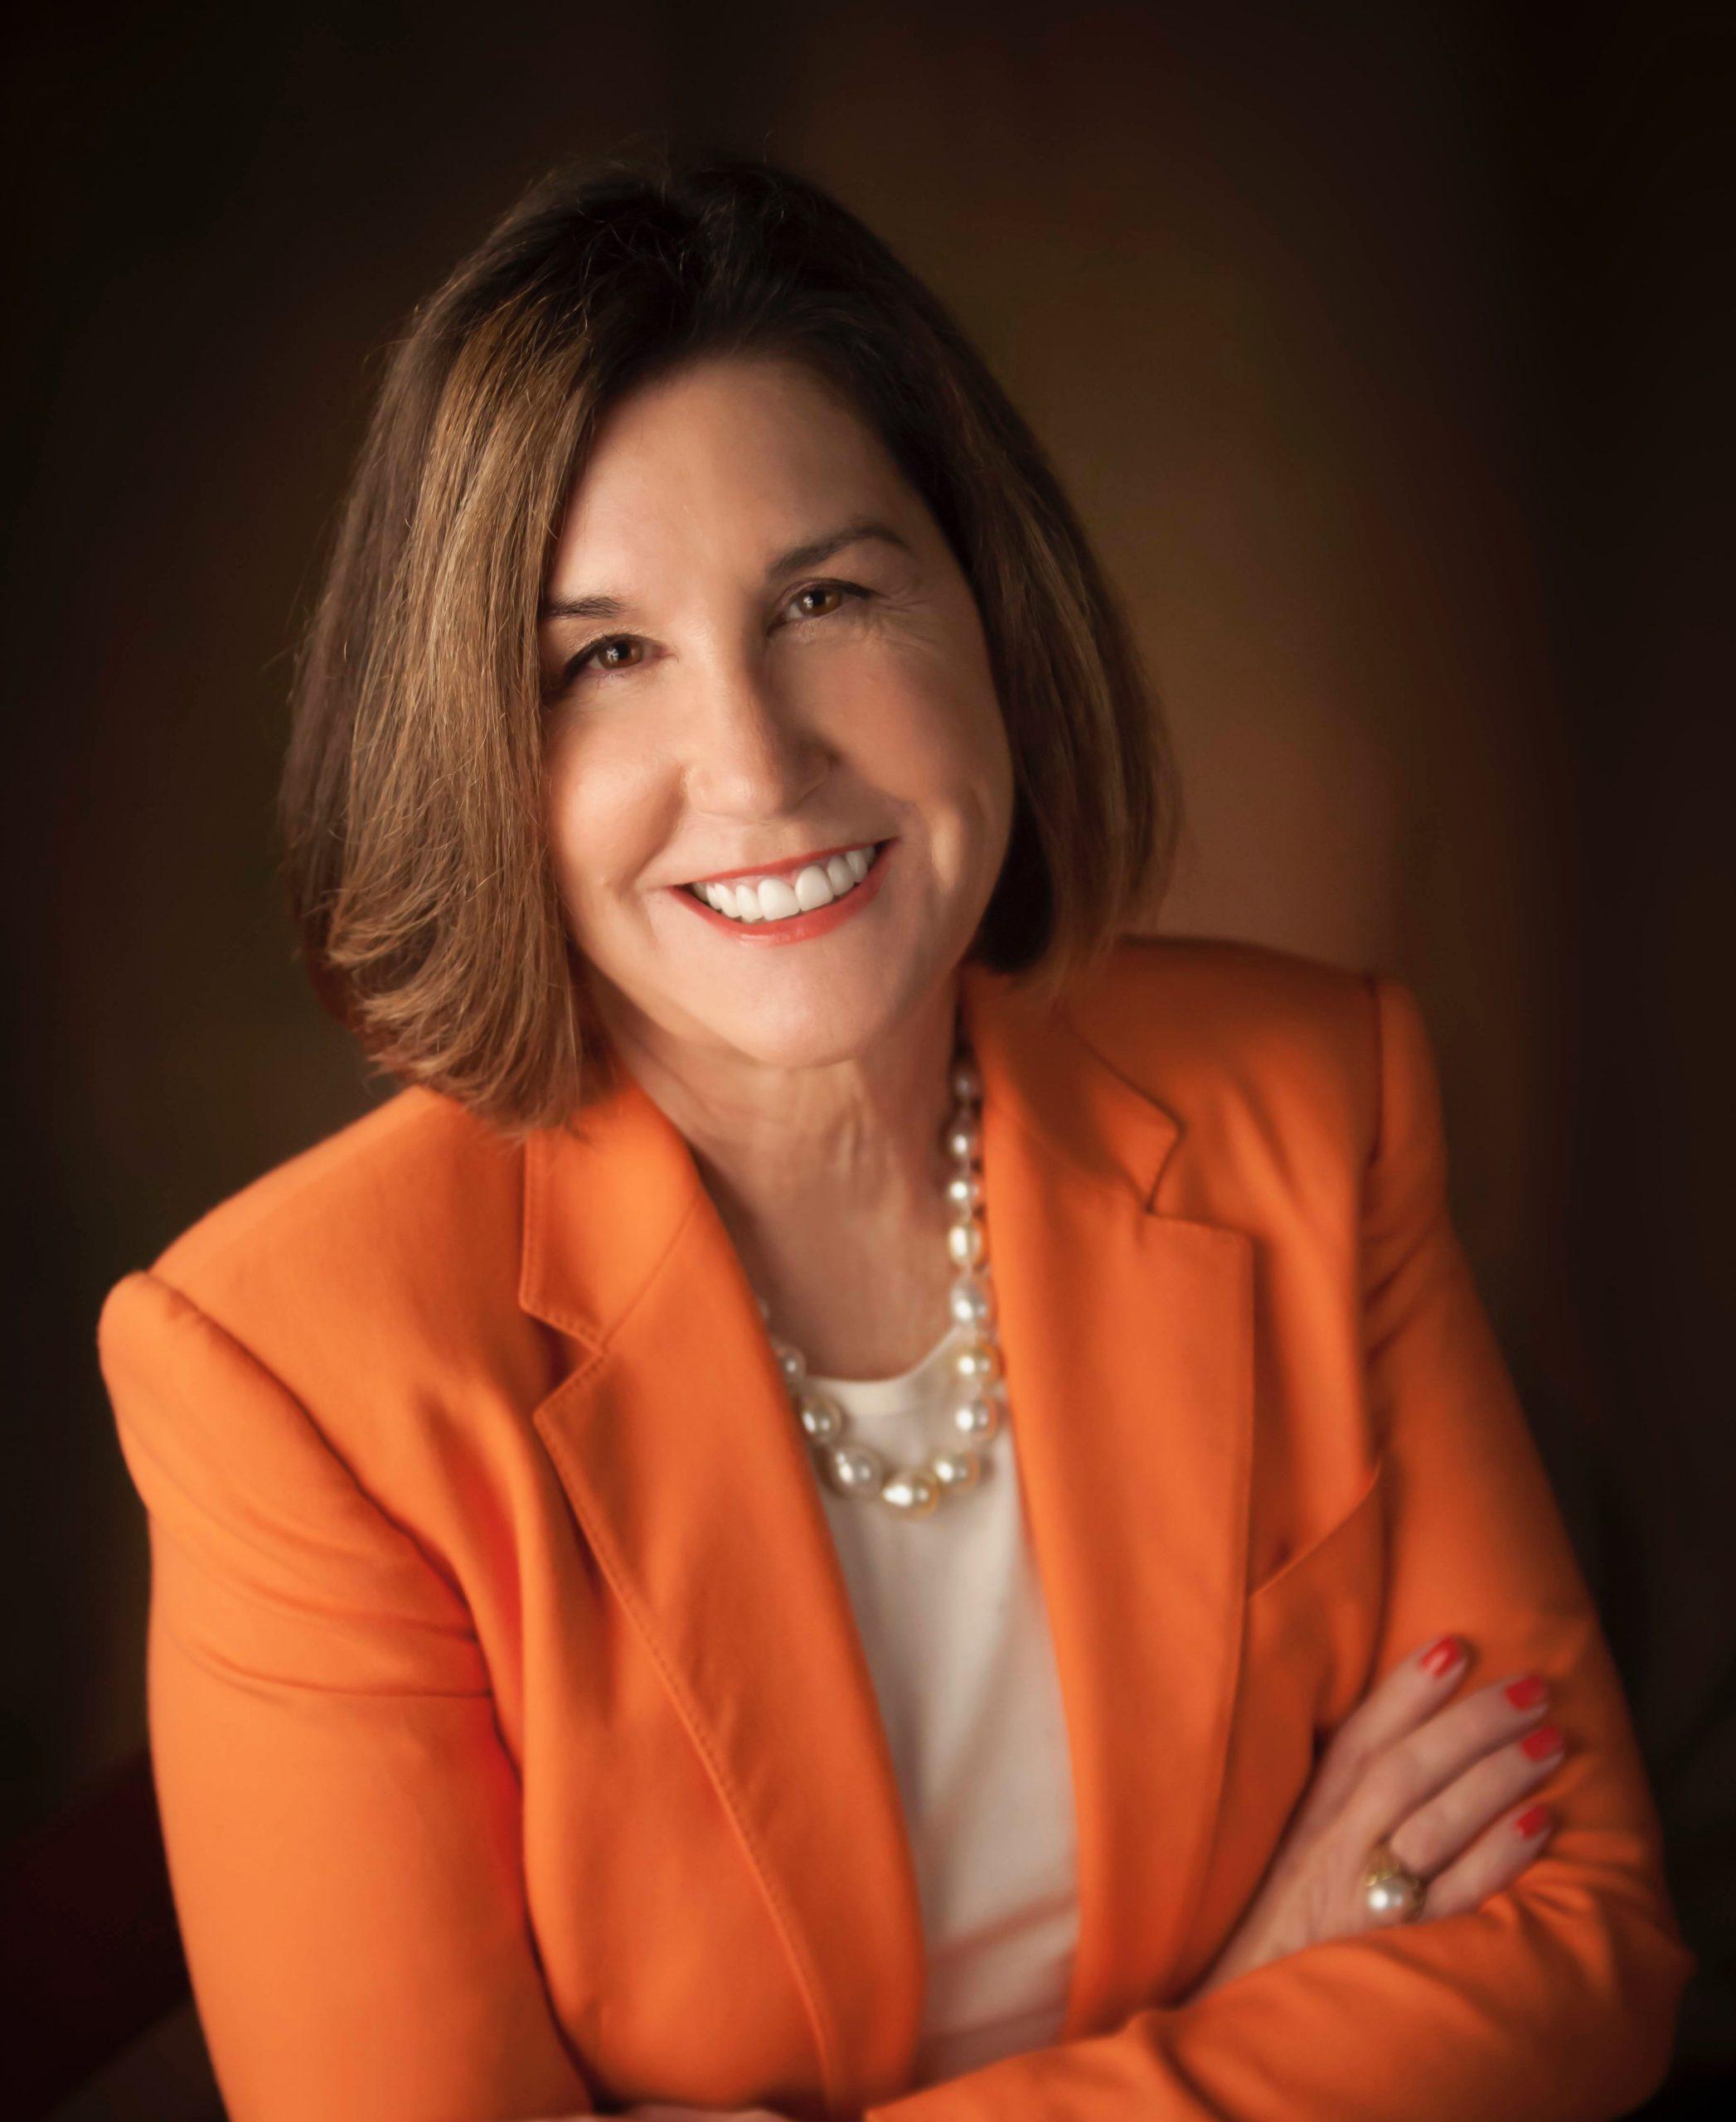 Nancy Shemwell